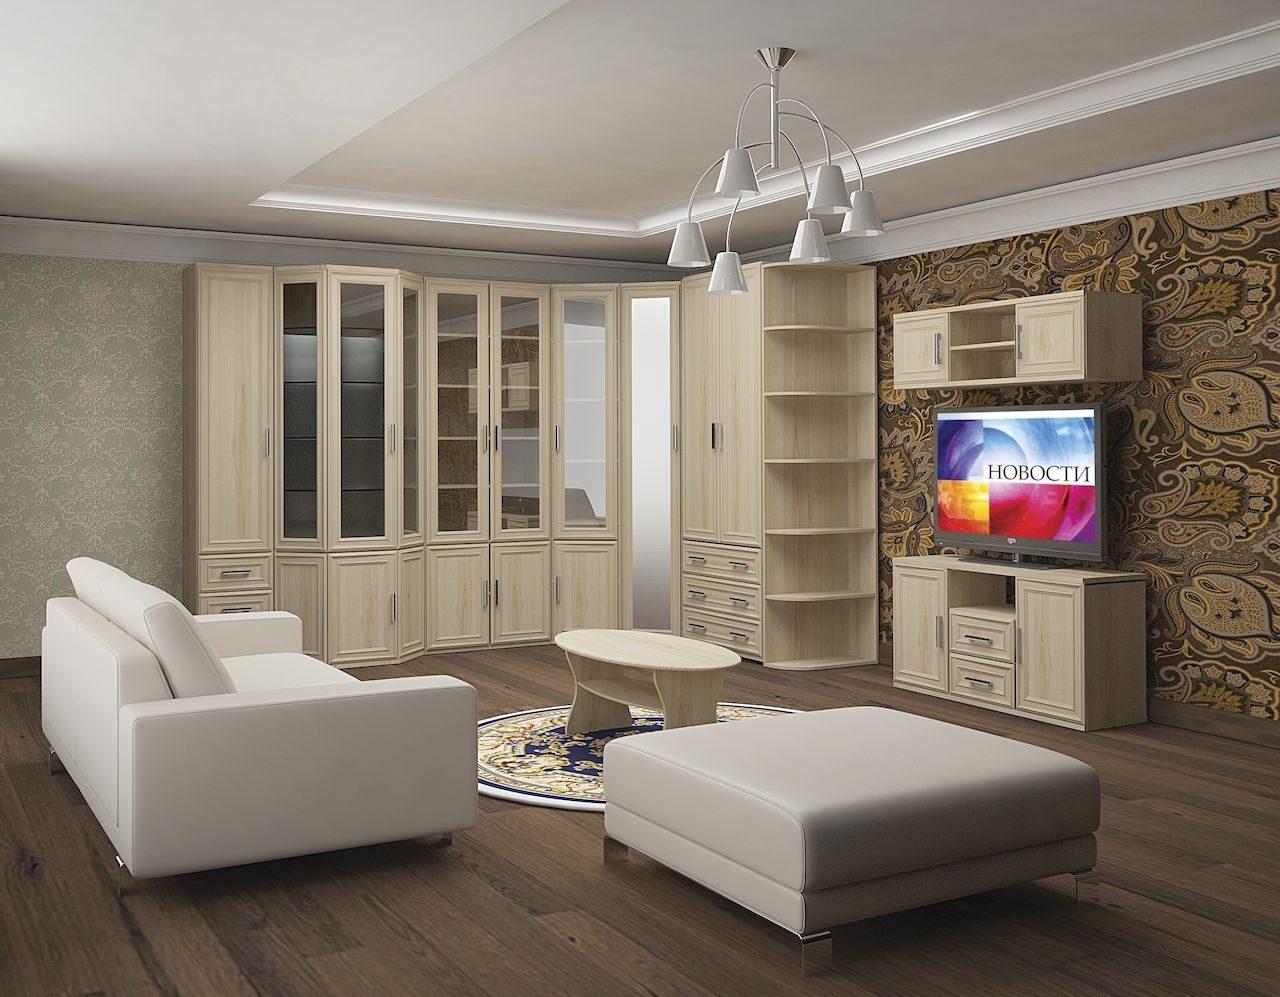 Гостиный Двор Мебель